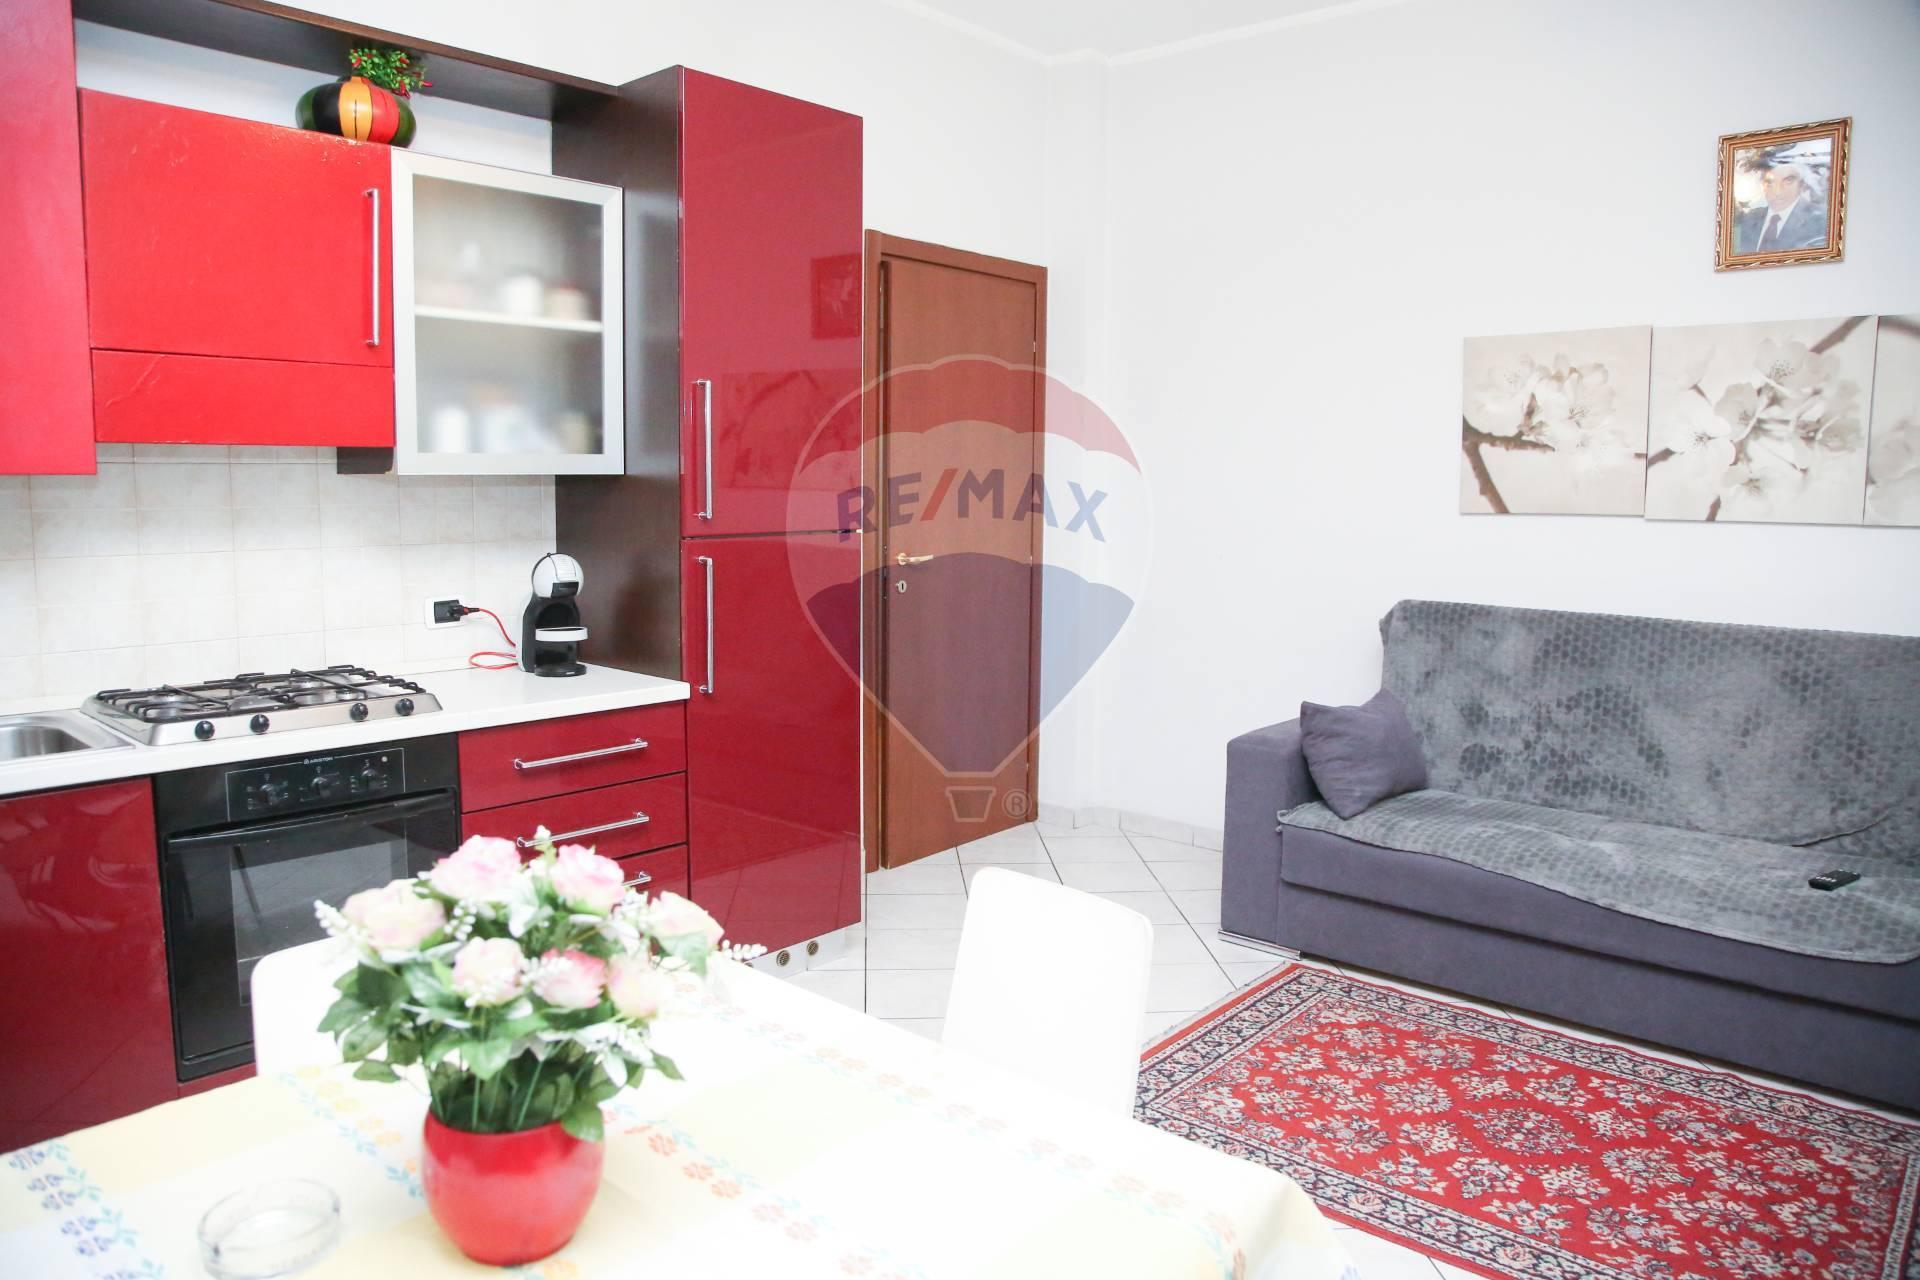 Vendita Trilocale Appartamento Cologno Monzese 252993